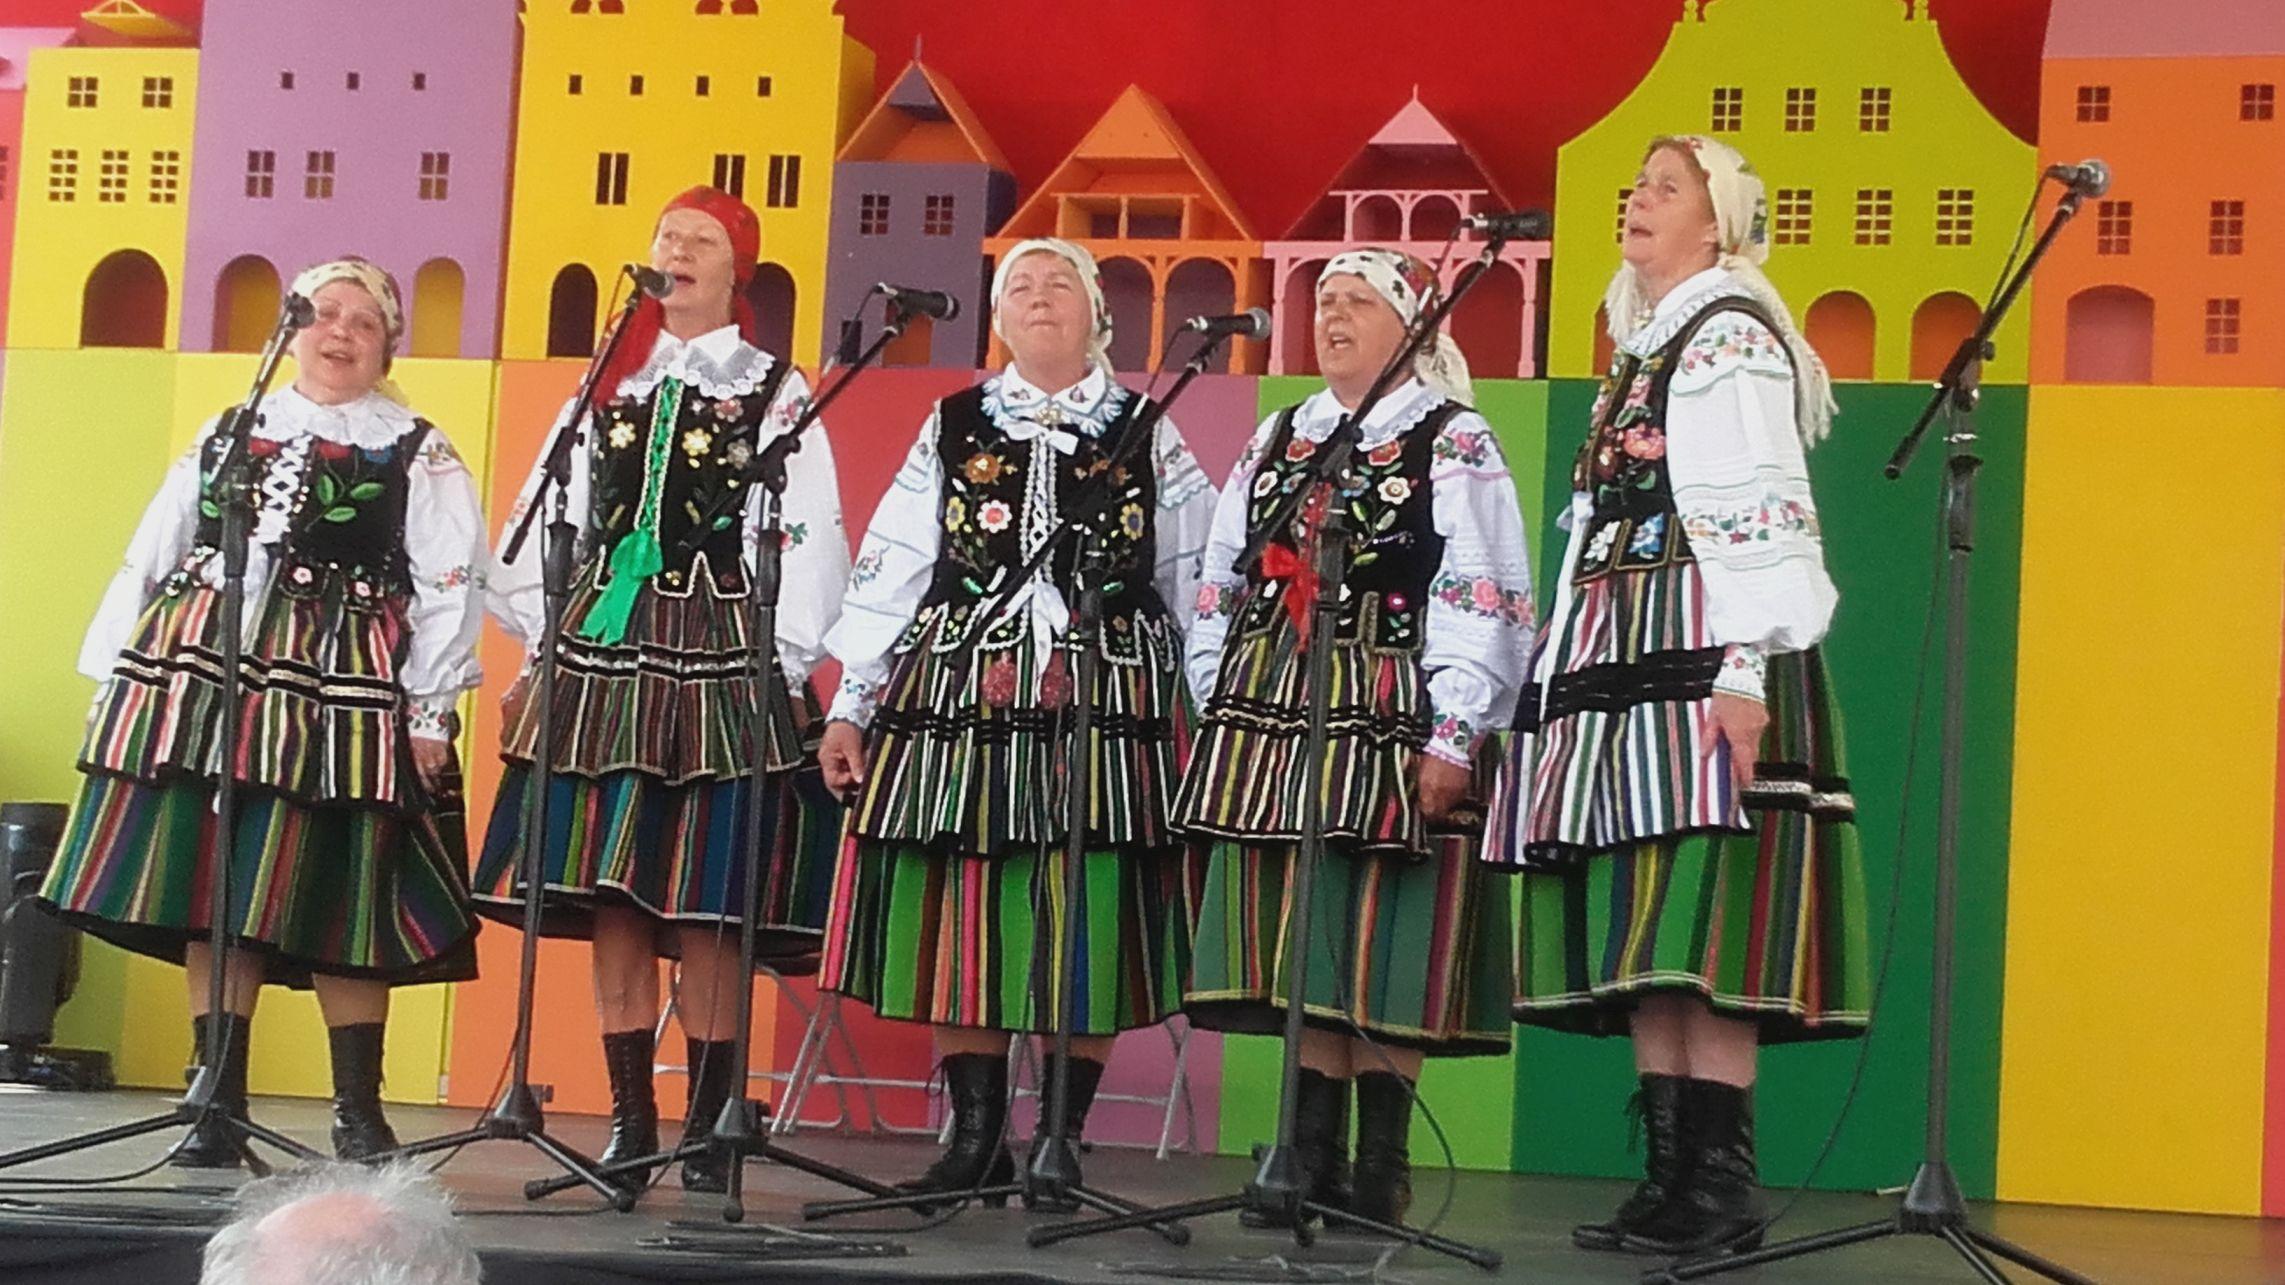 2016-06-25 Kazimierz Dolny - festiwal (30)